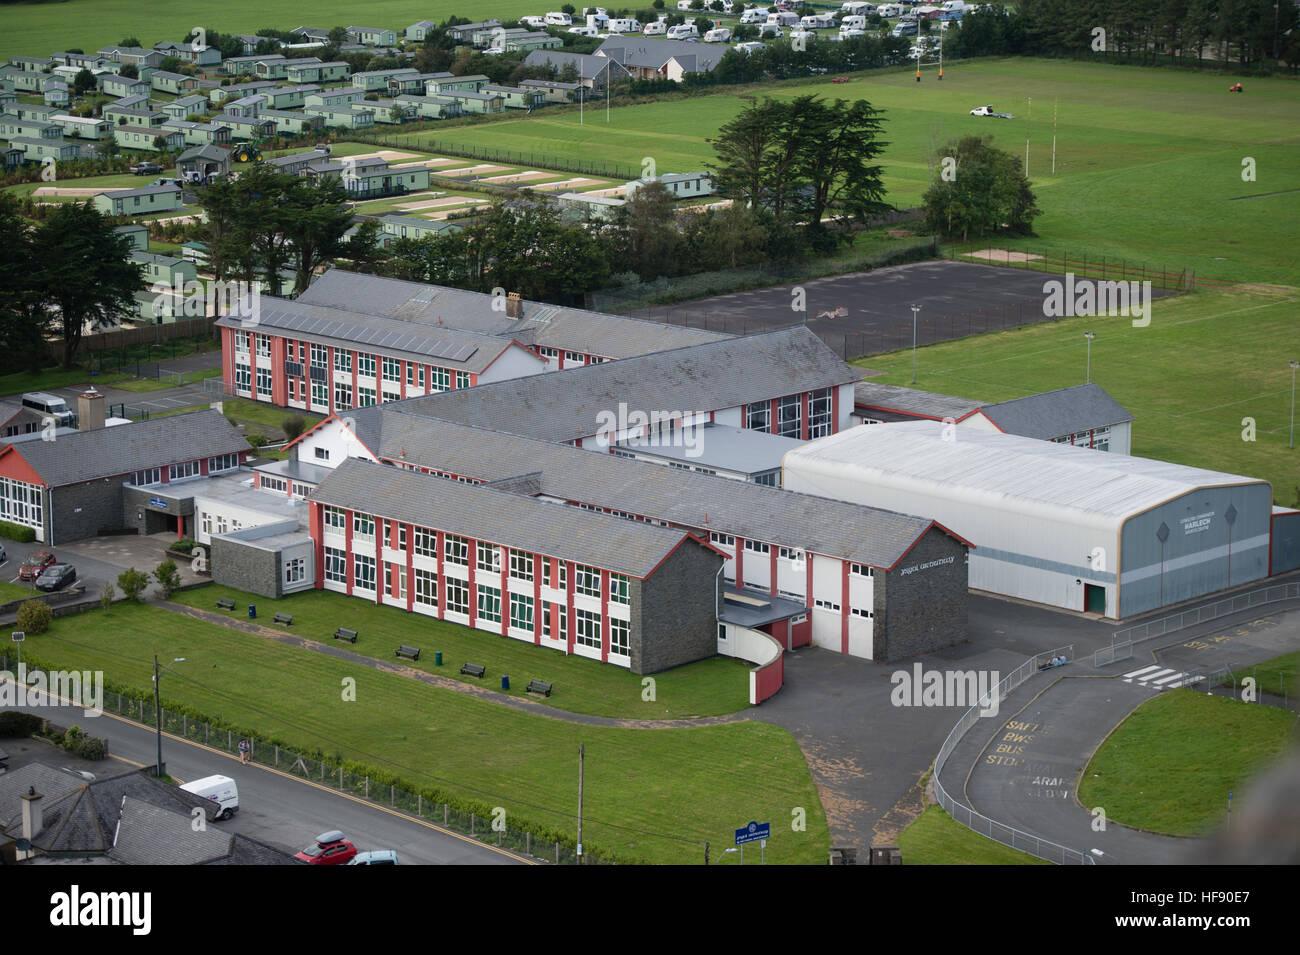 Secondary education in Wales: Ysgol Ardudwy secondary school building , Harlech, Gwynedd, Wales, UK, - Stock Image